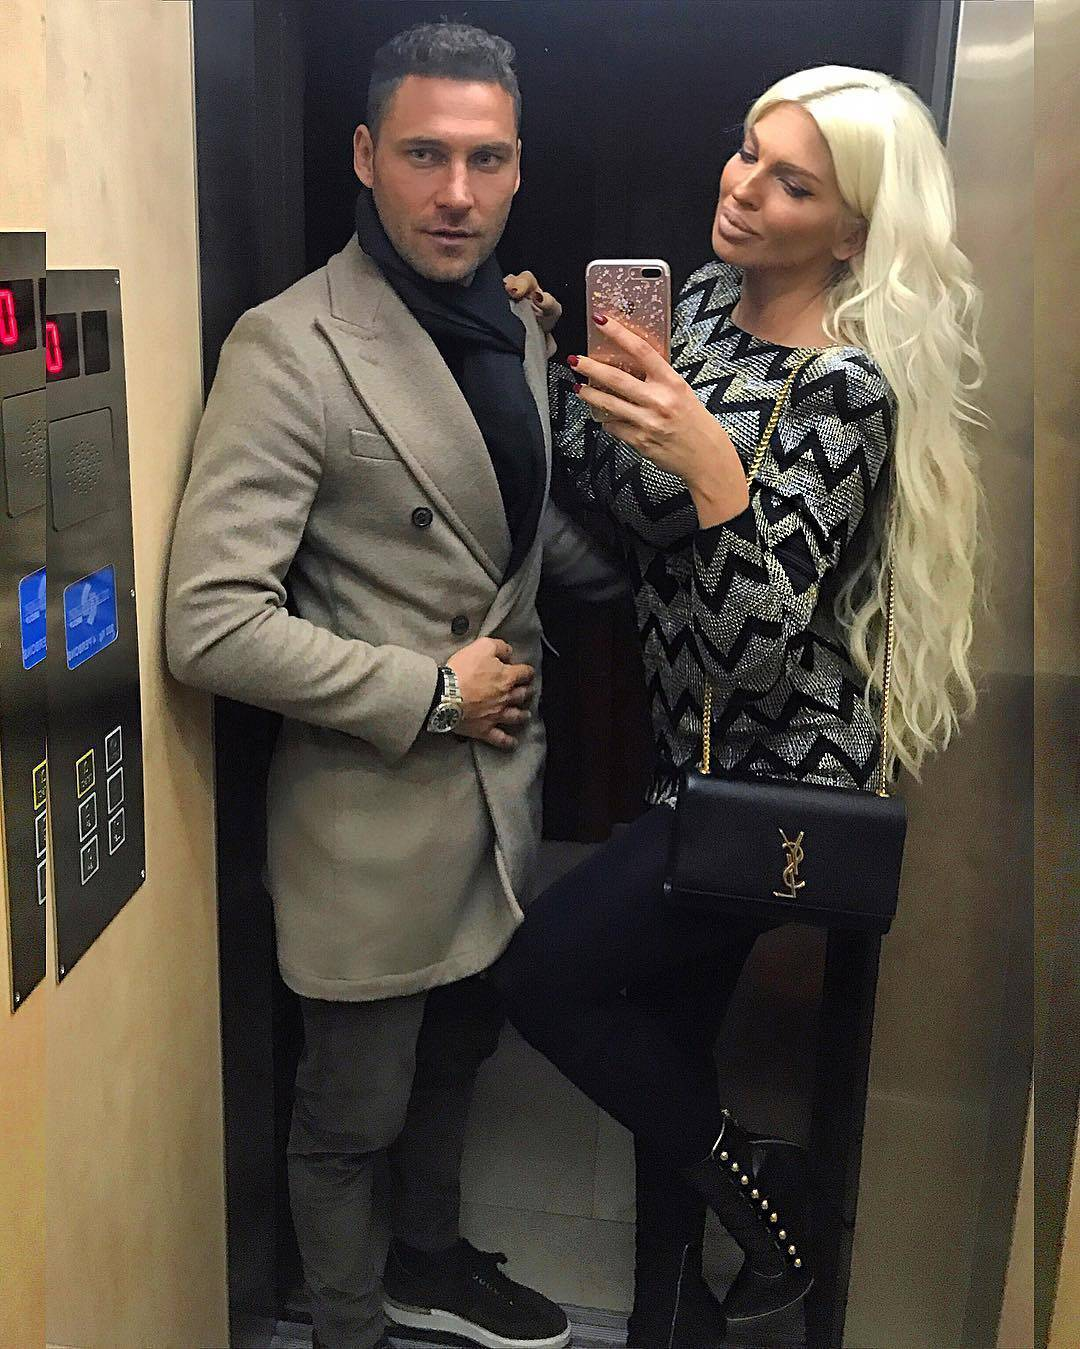 Karleušu nije briga za priče: Nosi haljinu Duškove ljubavnice